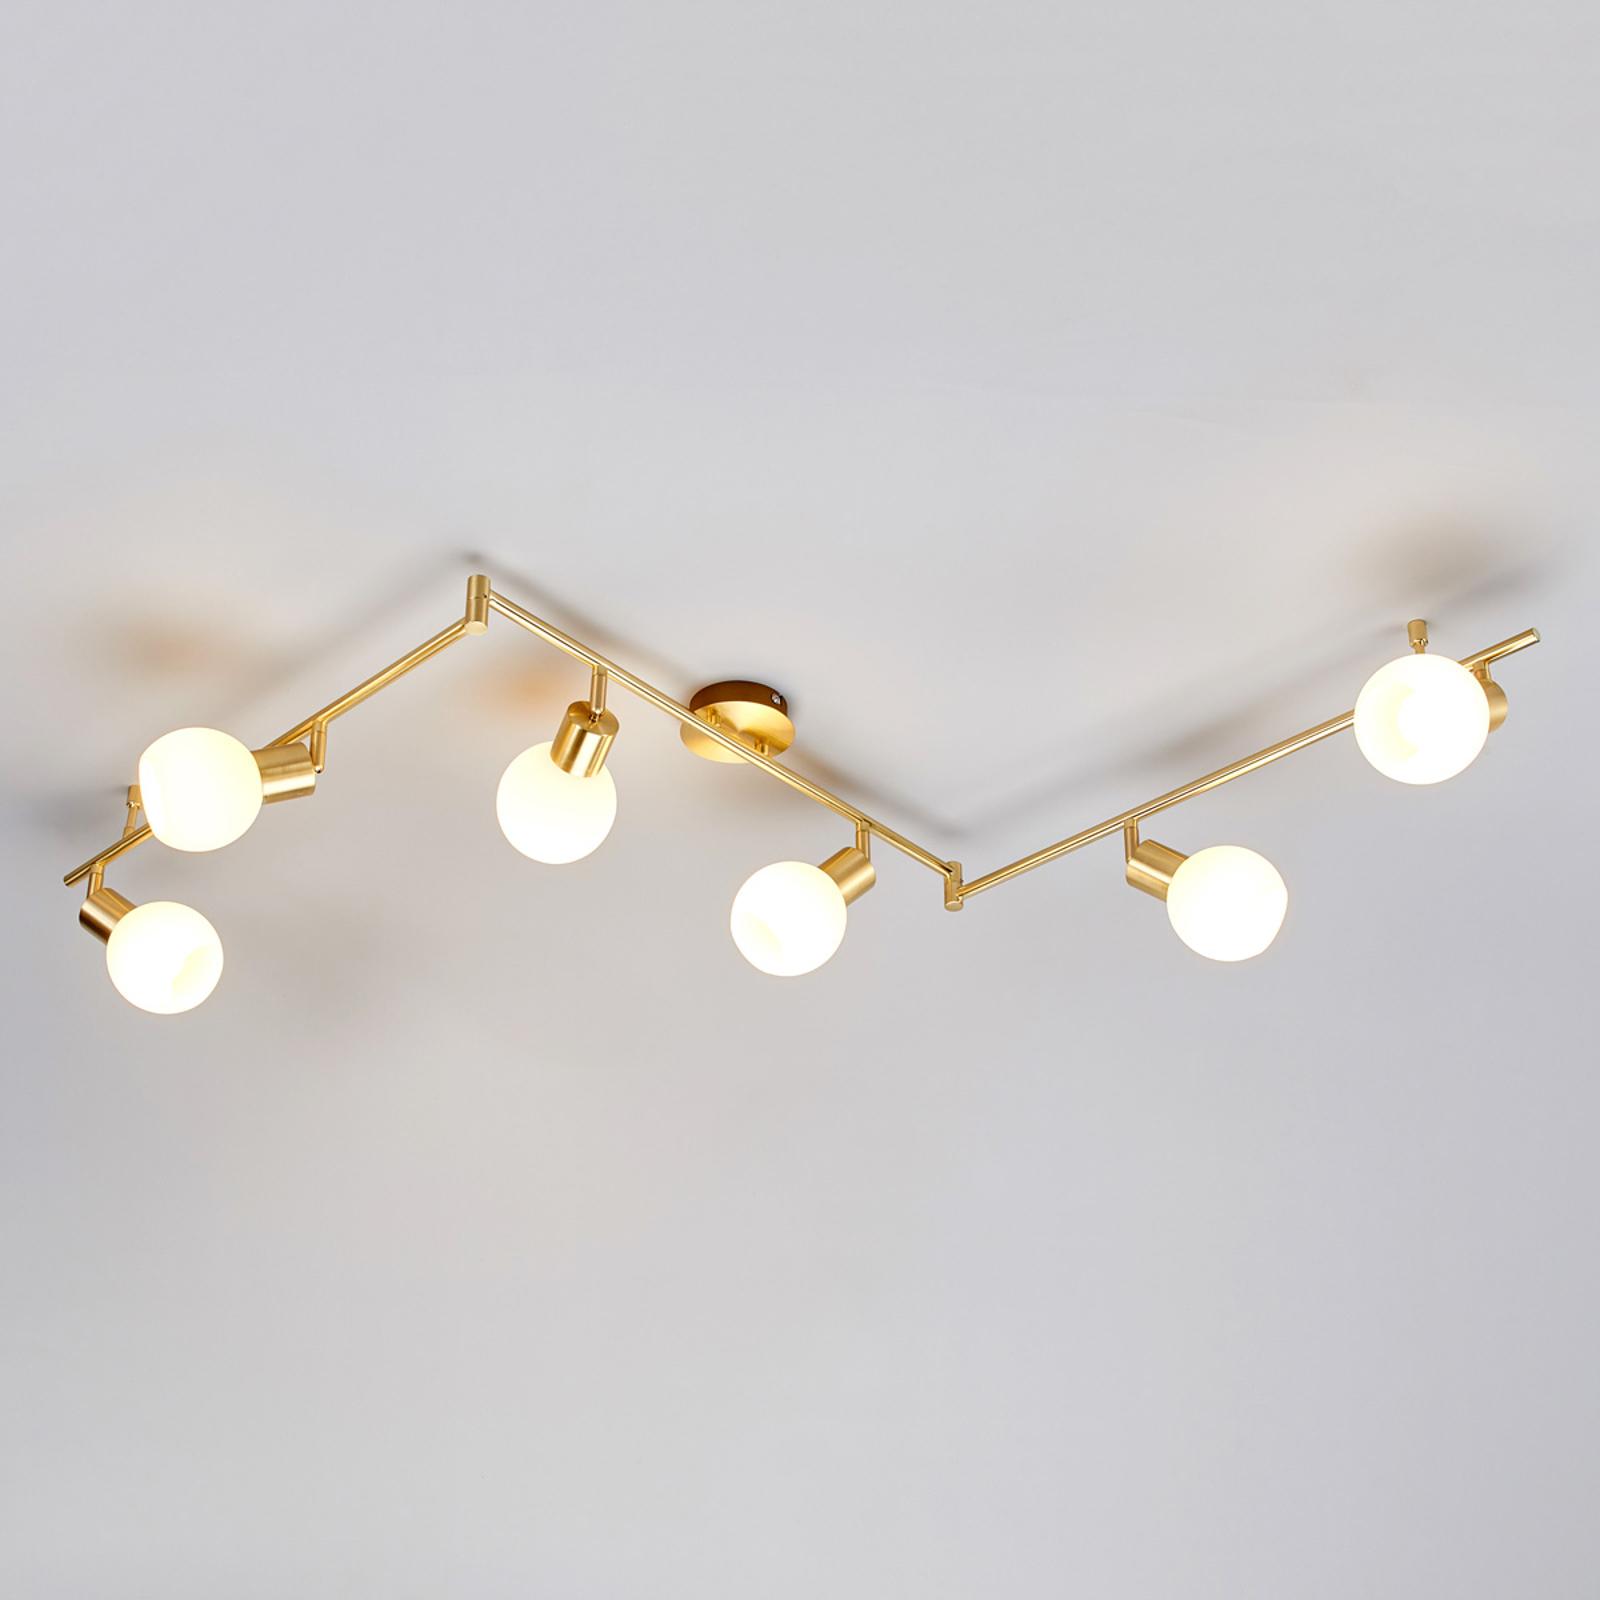 Elaine - LED-loftslampe med 6 lyskilder, messing